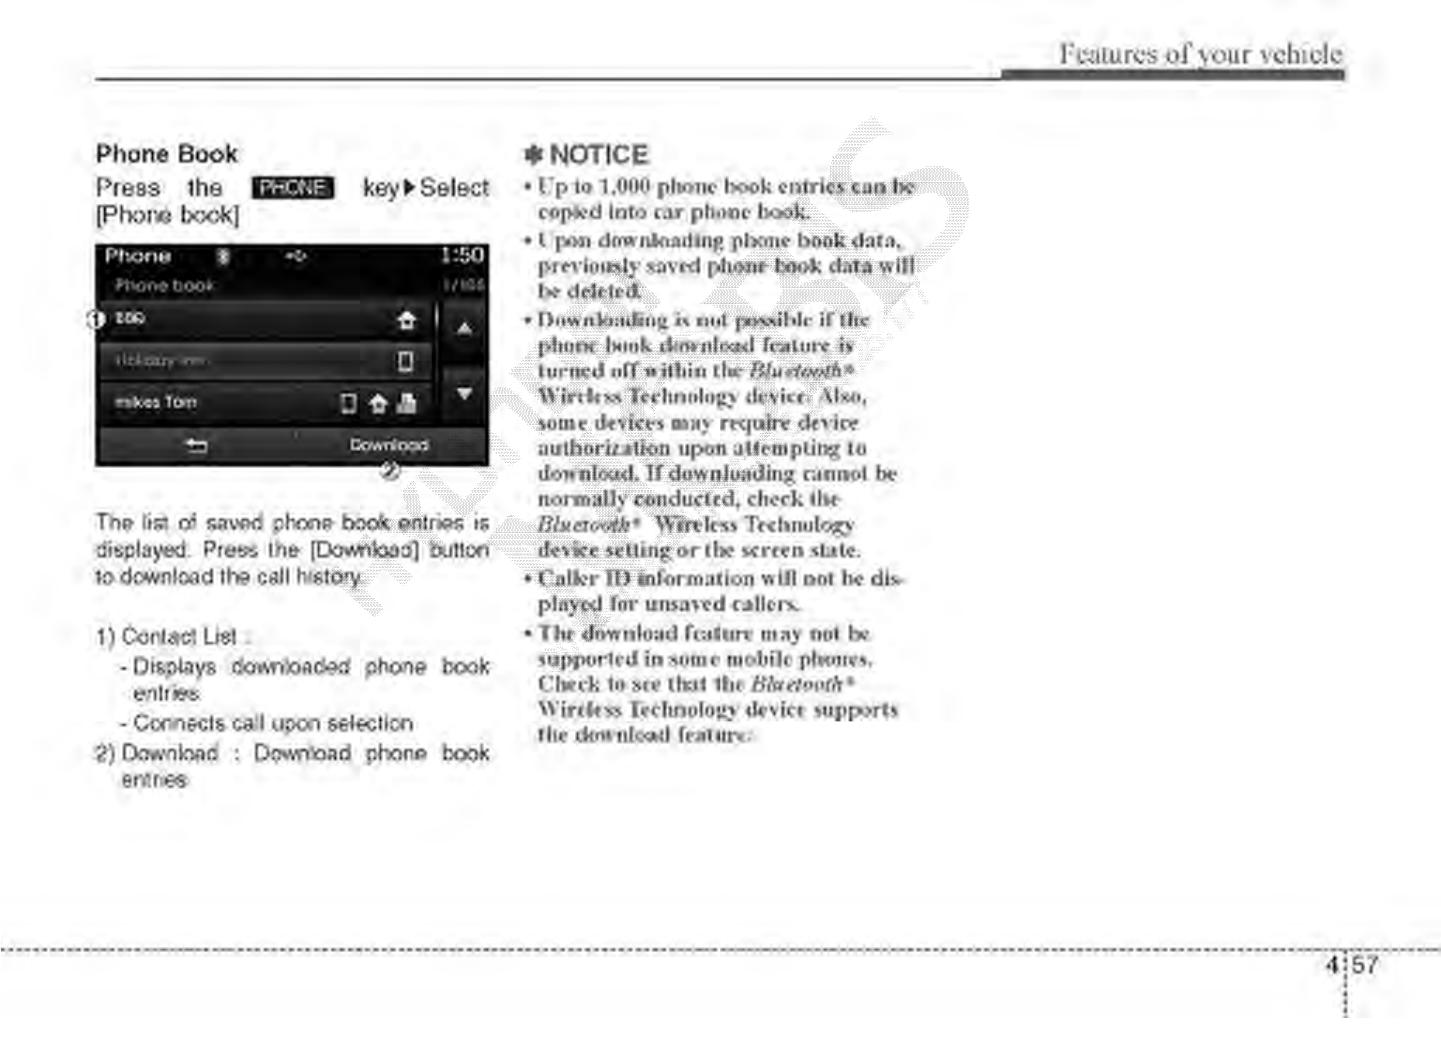 HYUNDAI MOBIS AC140INAN CAR AUDIO User Manual 2 of 3